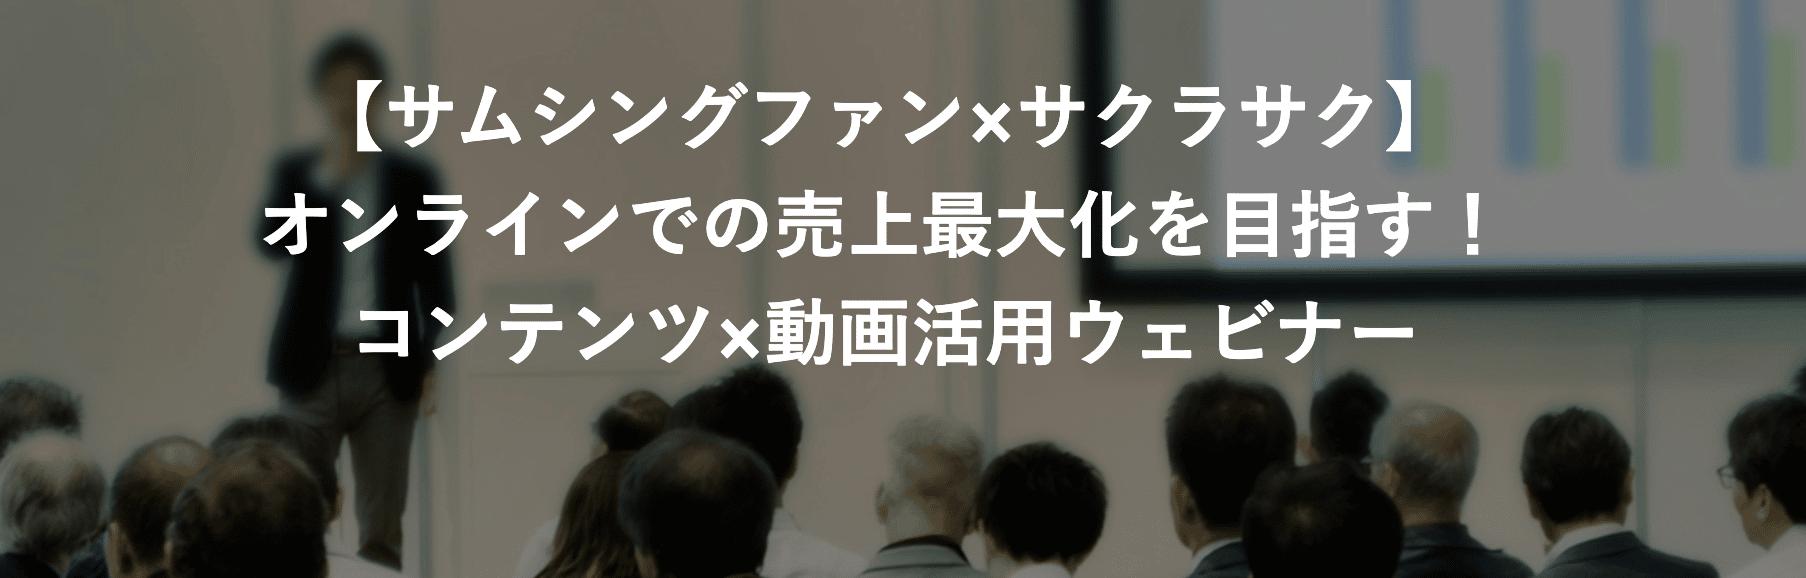 [6/9]オンラインでの売上最大化を目指す!コンテンツ×動画活用ウェビナー